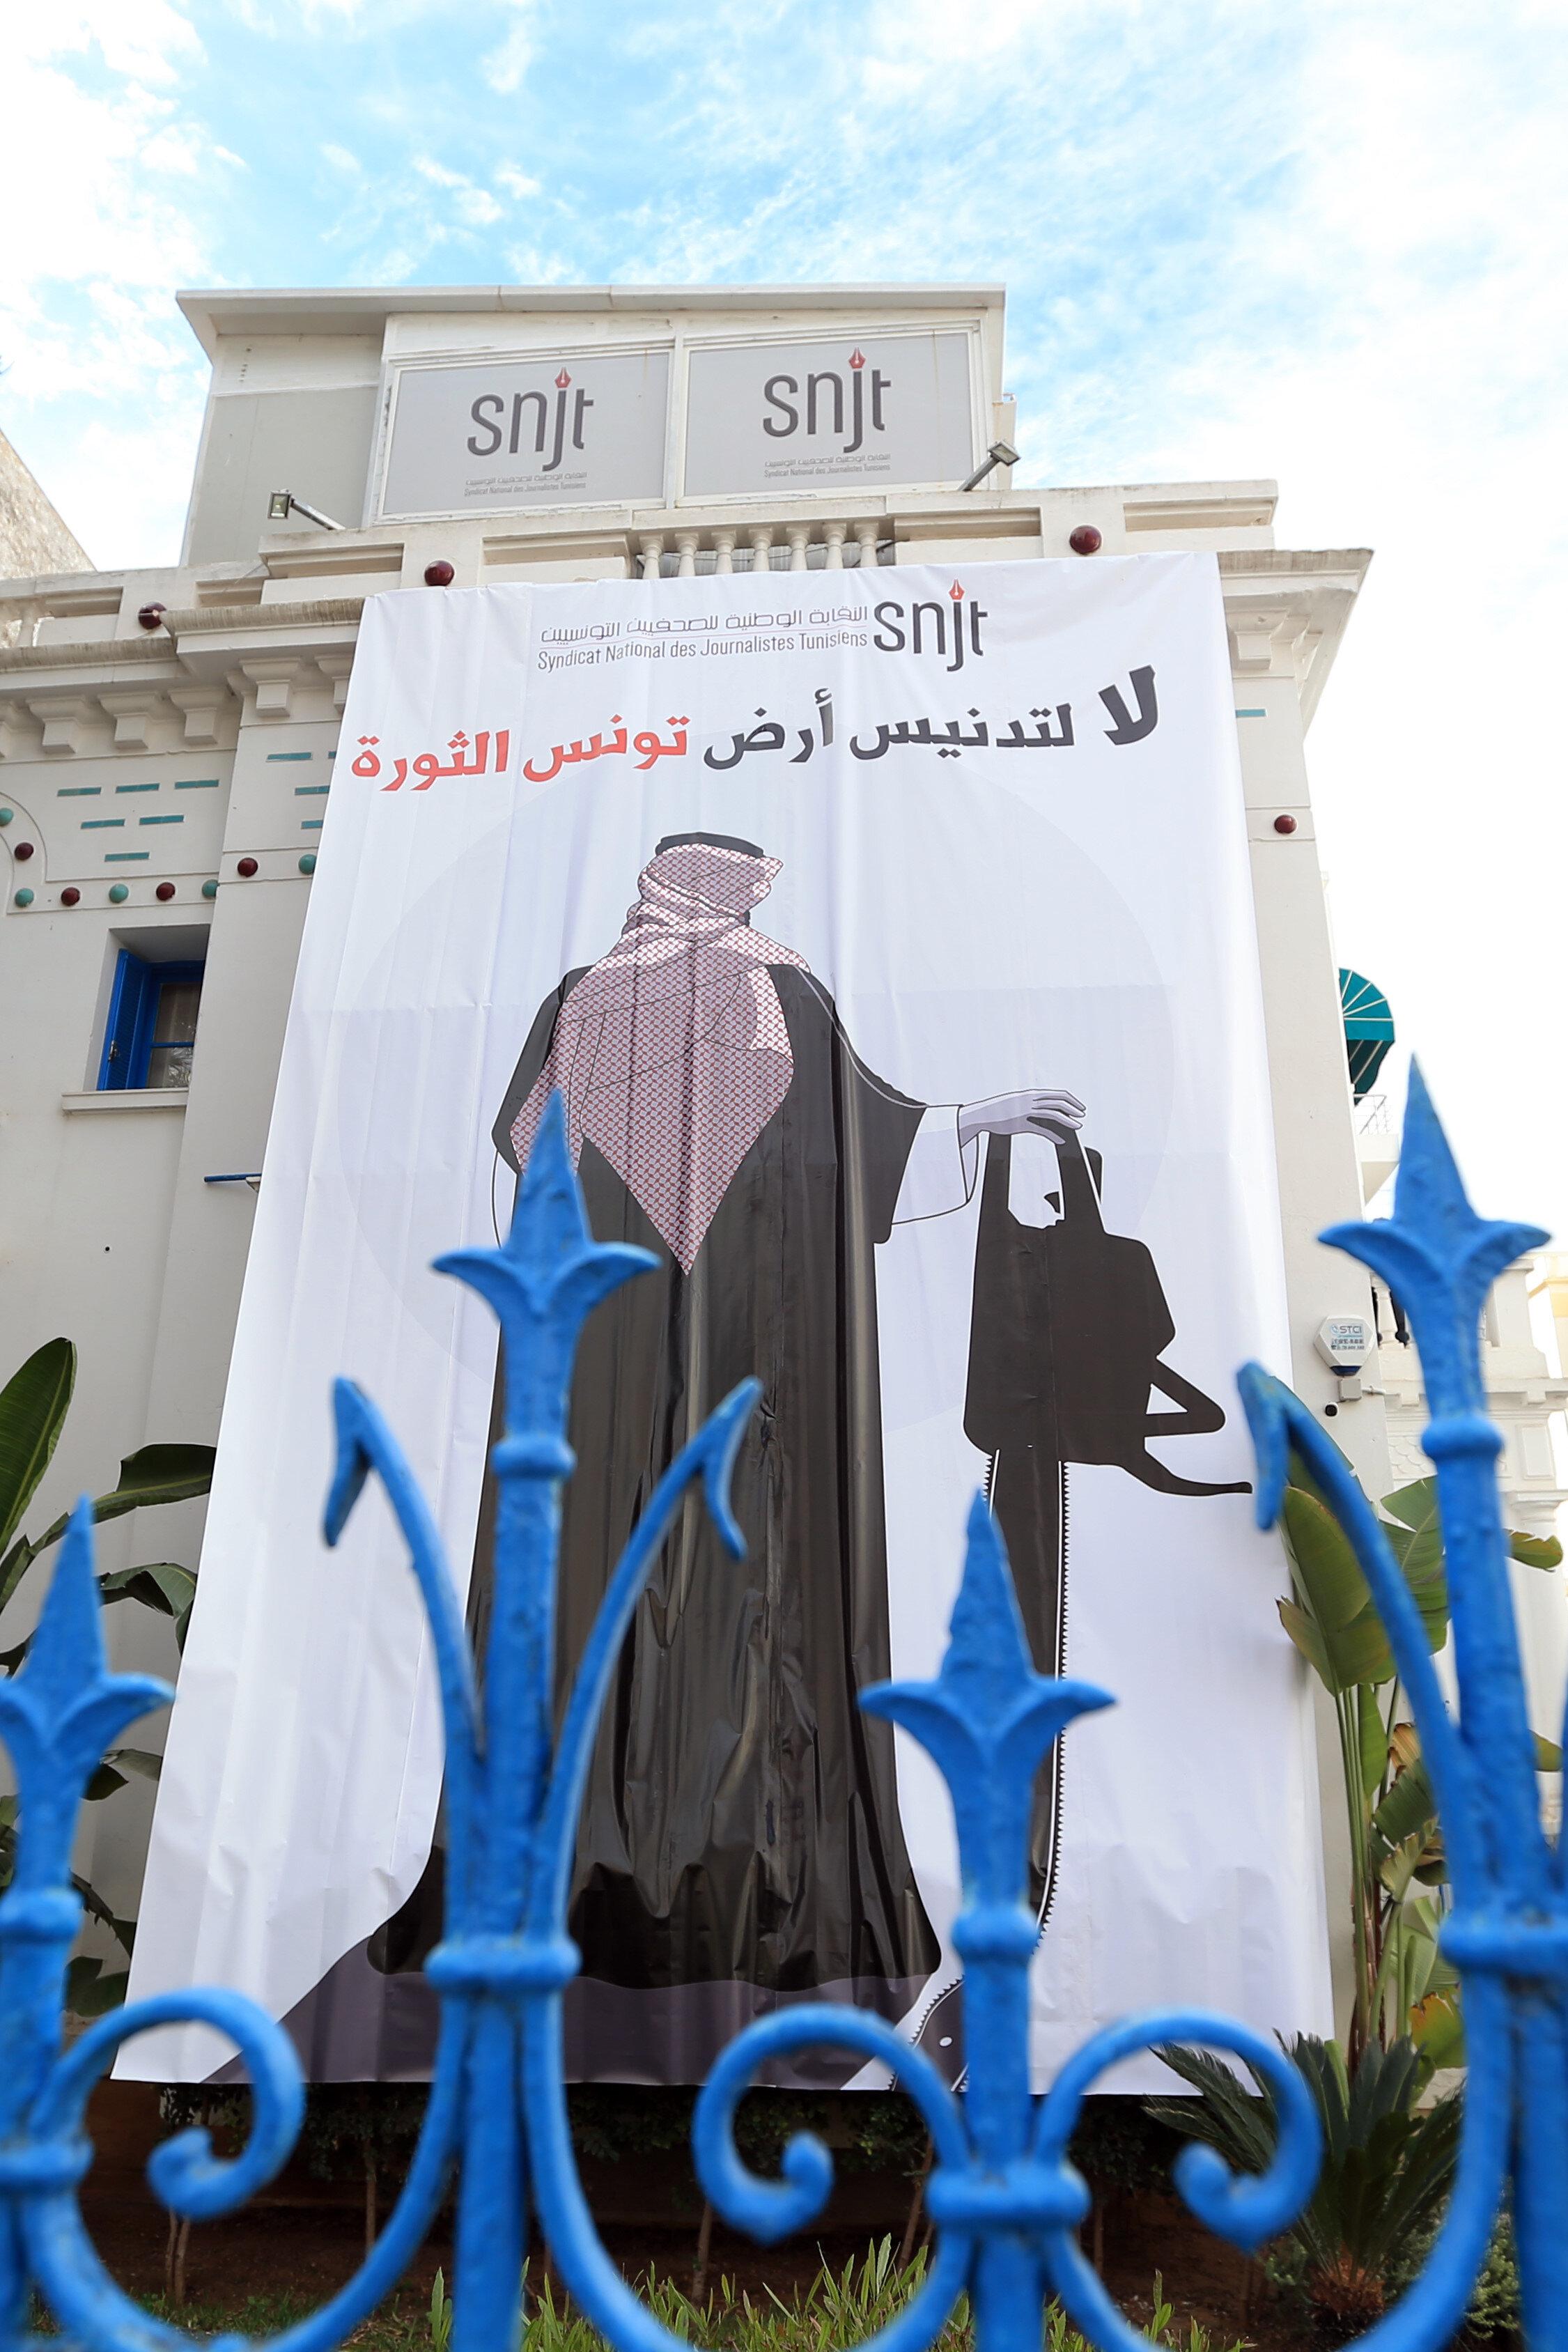 Tunuslular Bin Selman'ın elektrikli testereyle resm edildiği bir dev bir pankarta ''Devrim toprağı Tunus'un kirletilmesine, hayır'' diye yazdılar.